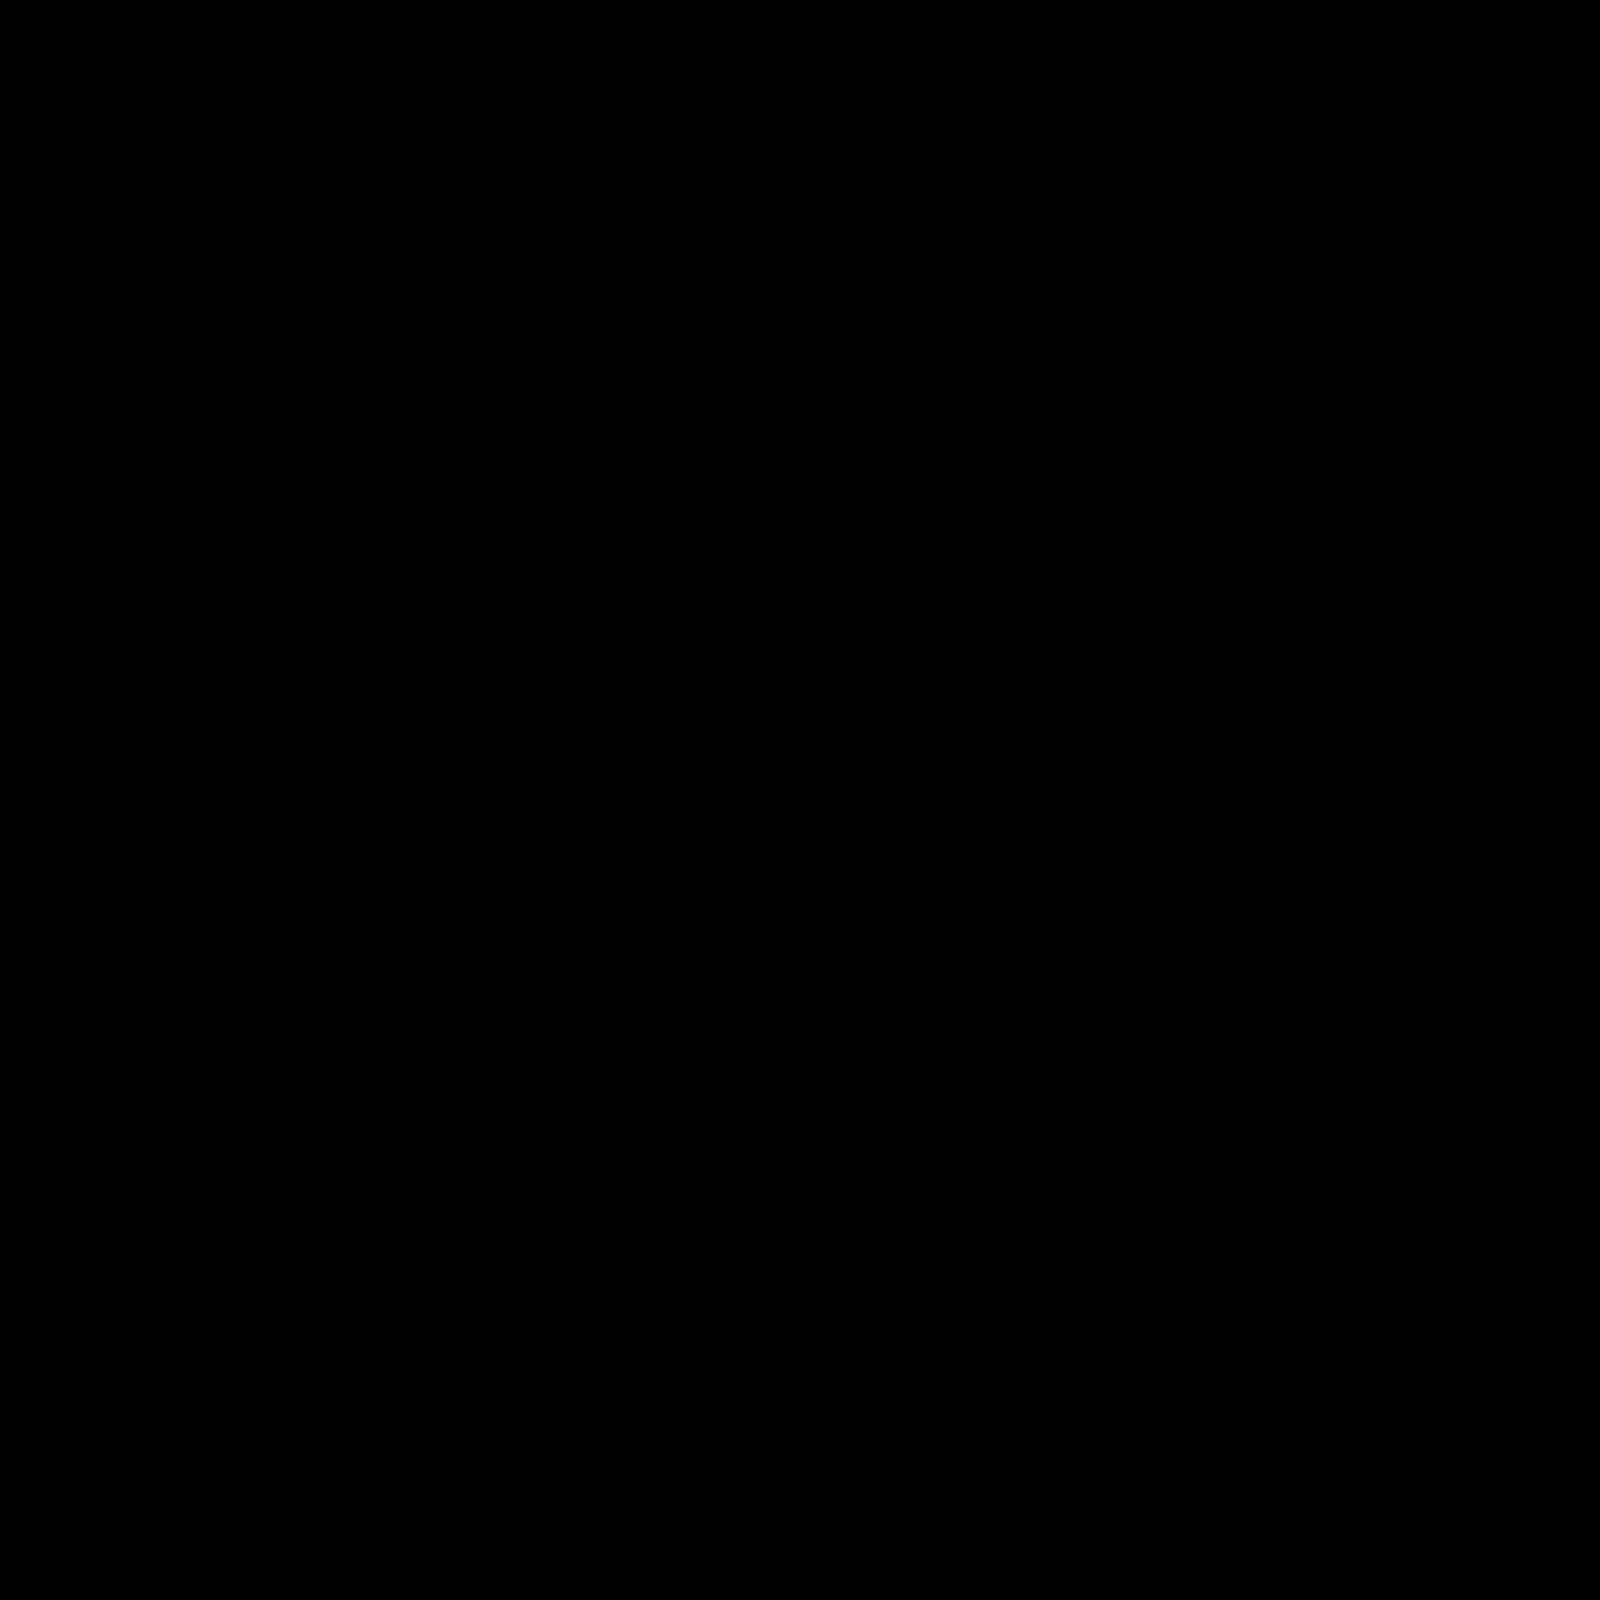 1600x1600 Film Roll Icon